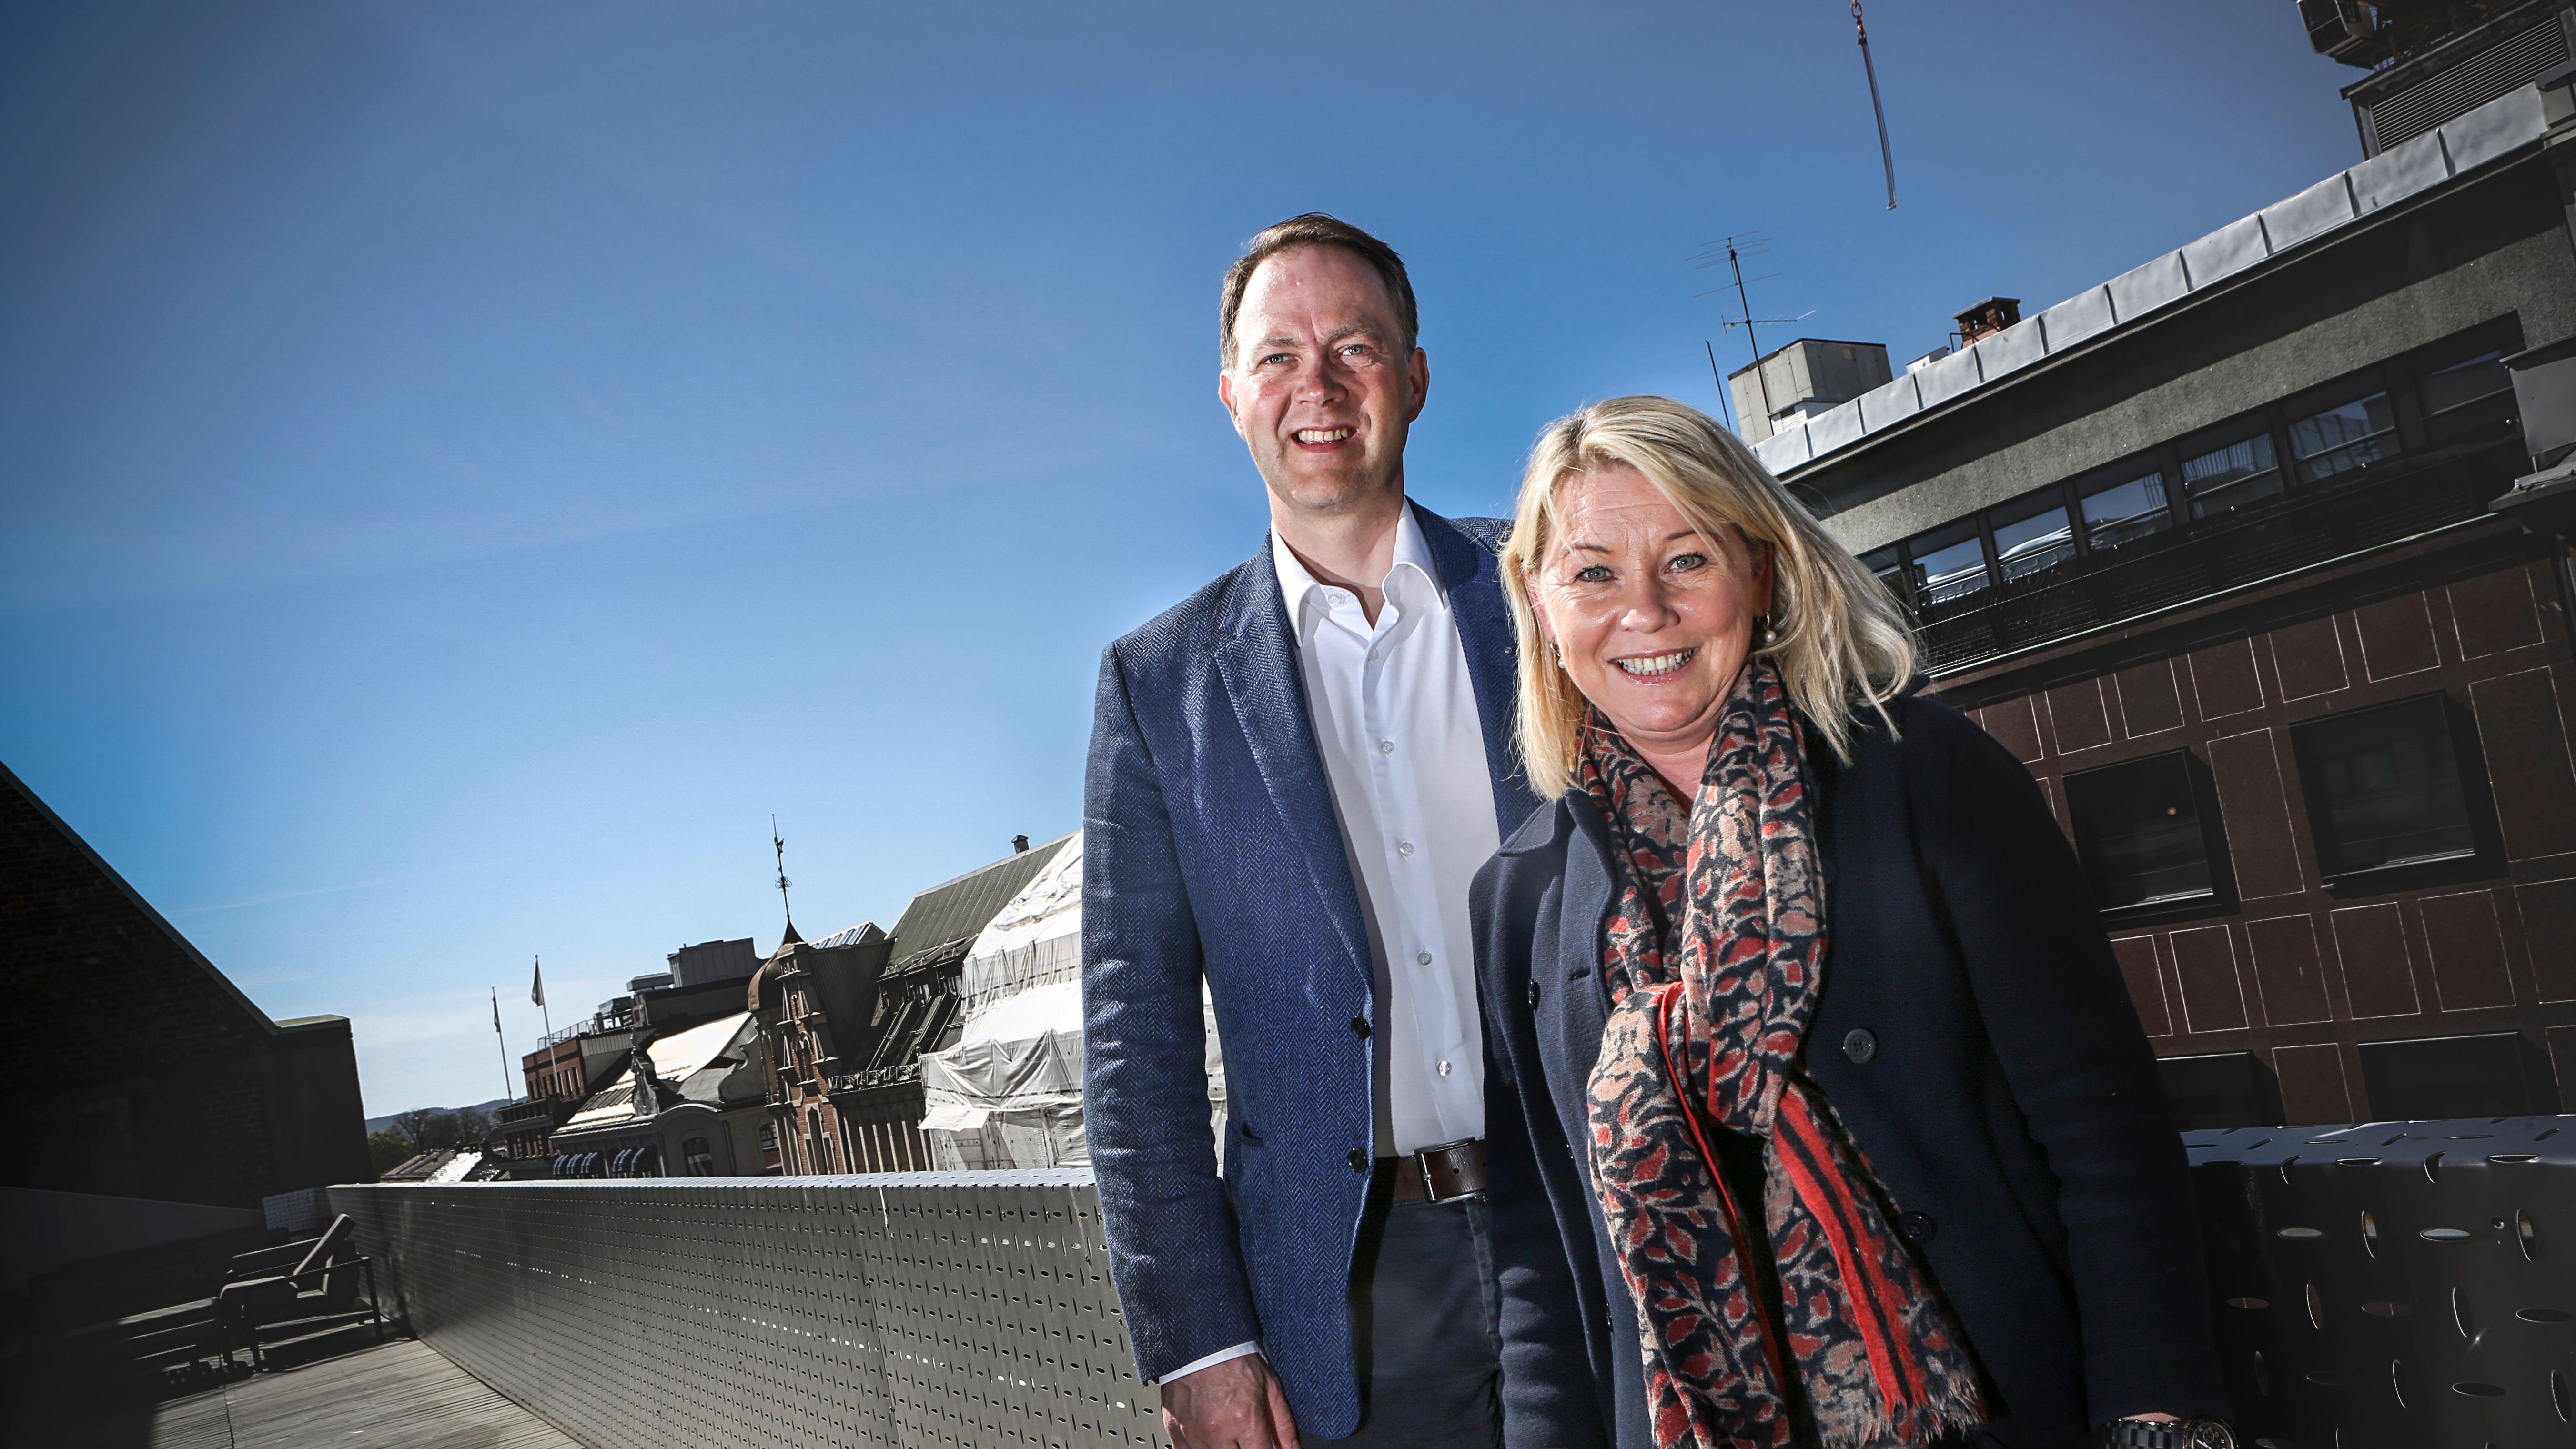 Norsk bedrift?: Nå kan du søke støtte fra katapult-ordningen på 50 millioner